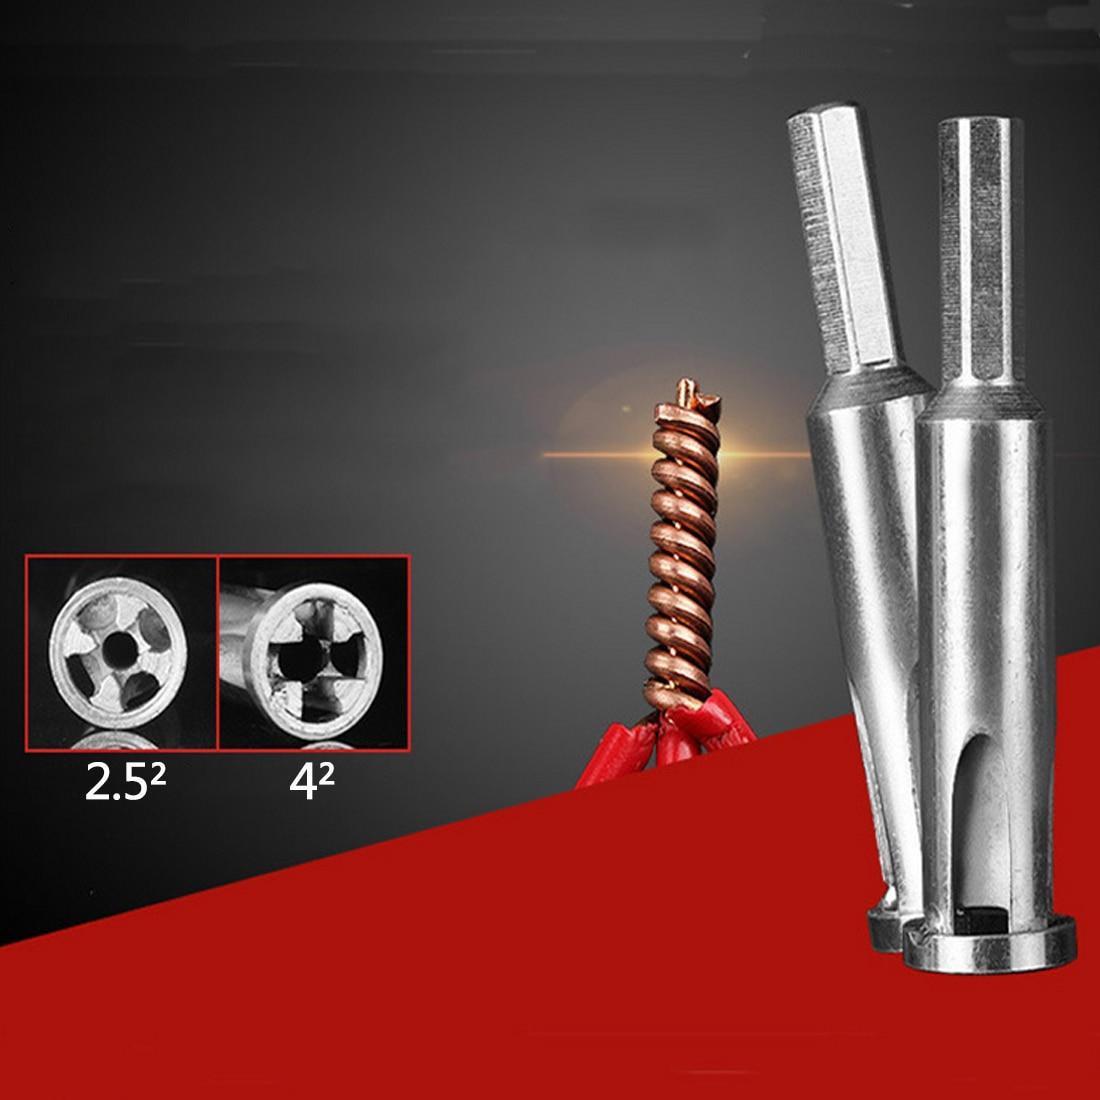 Handwerkzeuge Werkzeuge Geschickt 1 Pc Automatische Twist Stecker Elektrische Linie Gerät Kabel Draht Stripper Abisolierzange Automatische Strippen Verdoppelung Maschine Das Ganze System StäRken Und StäRken